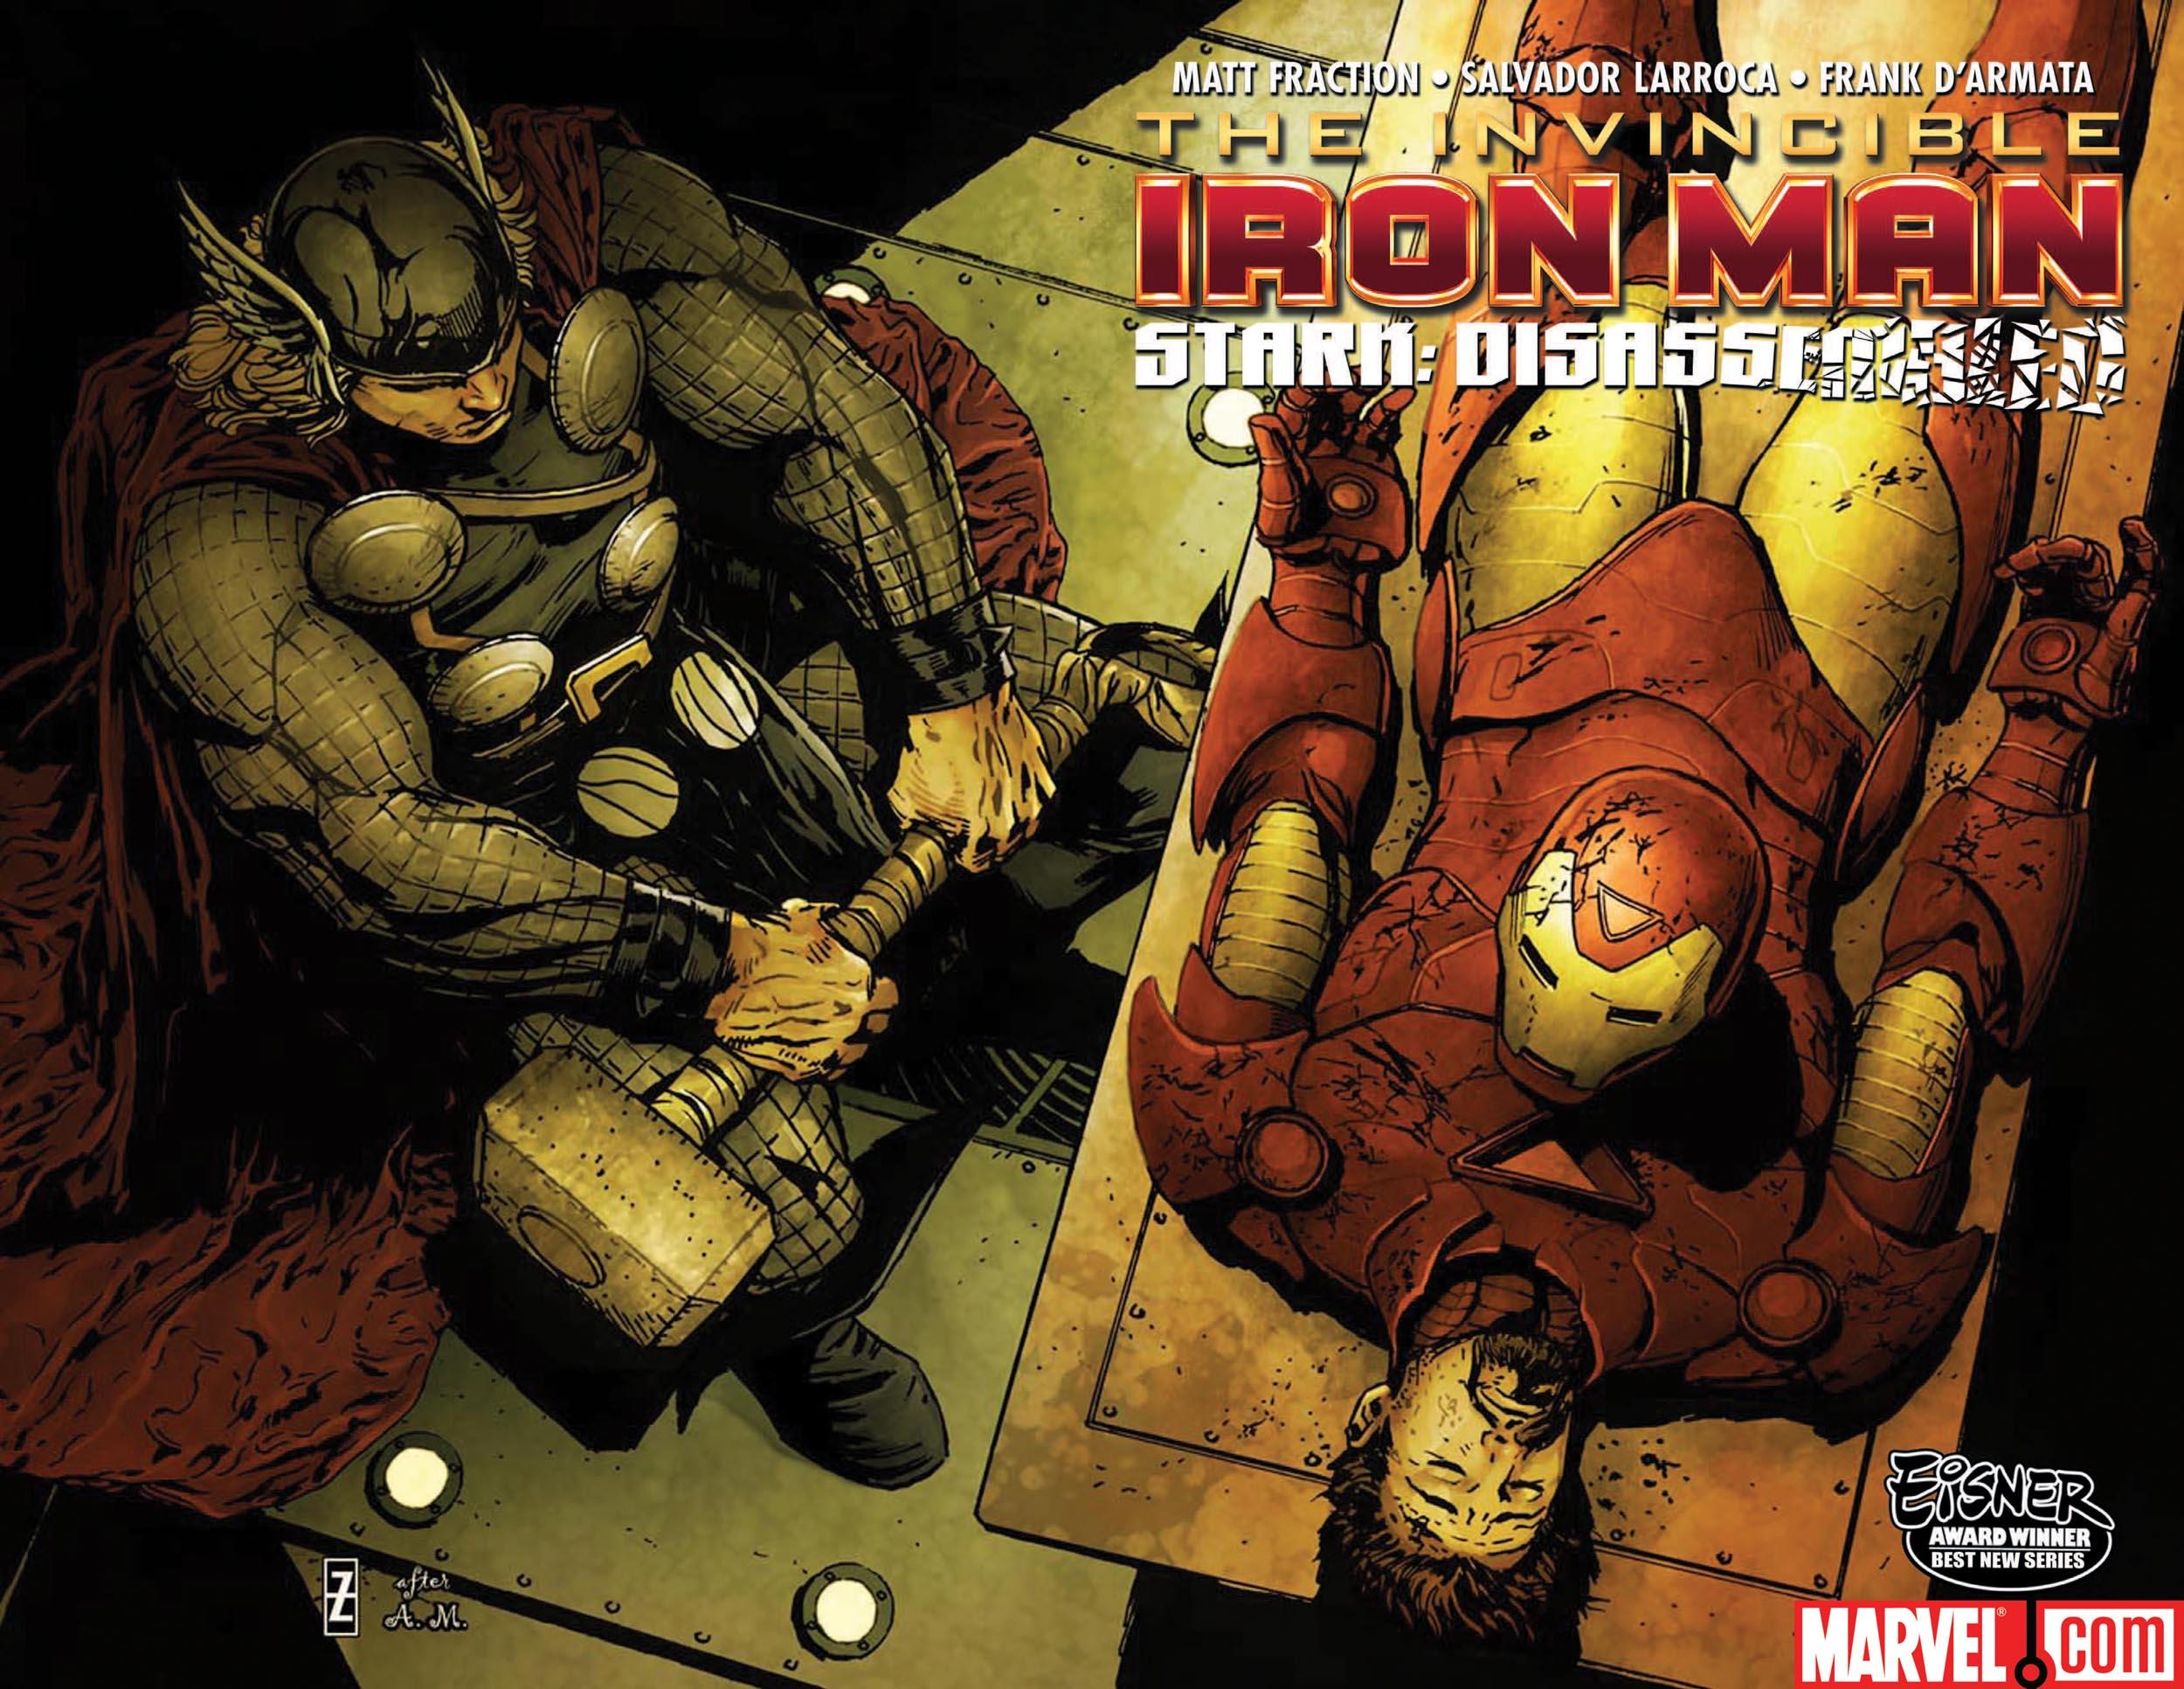 Iron Man dead?